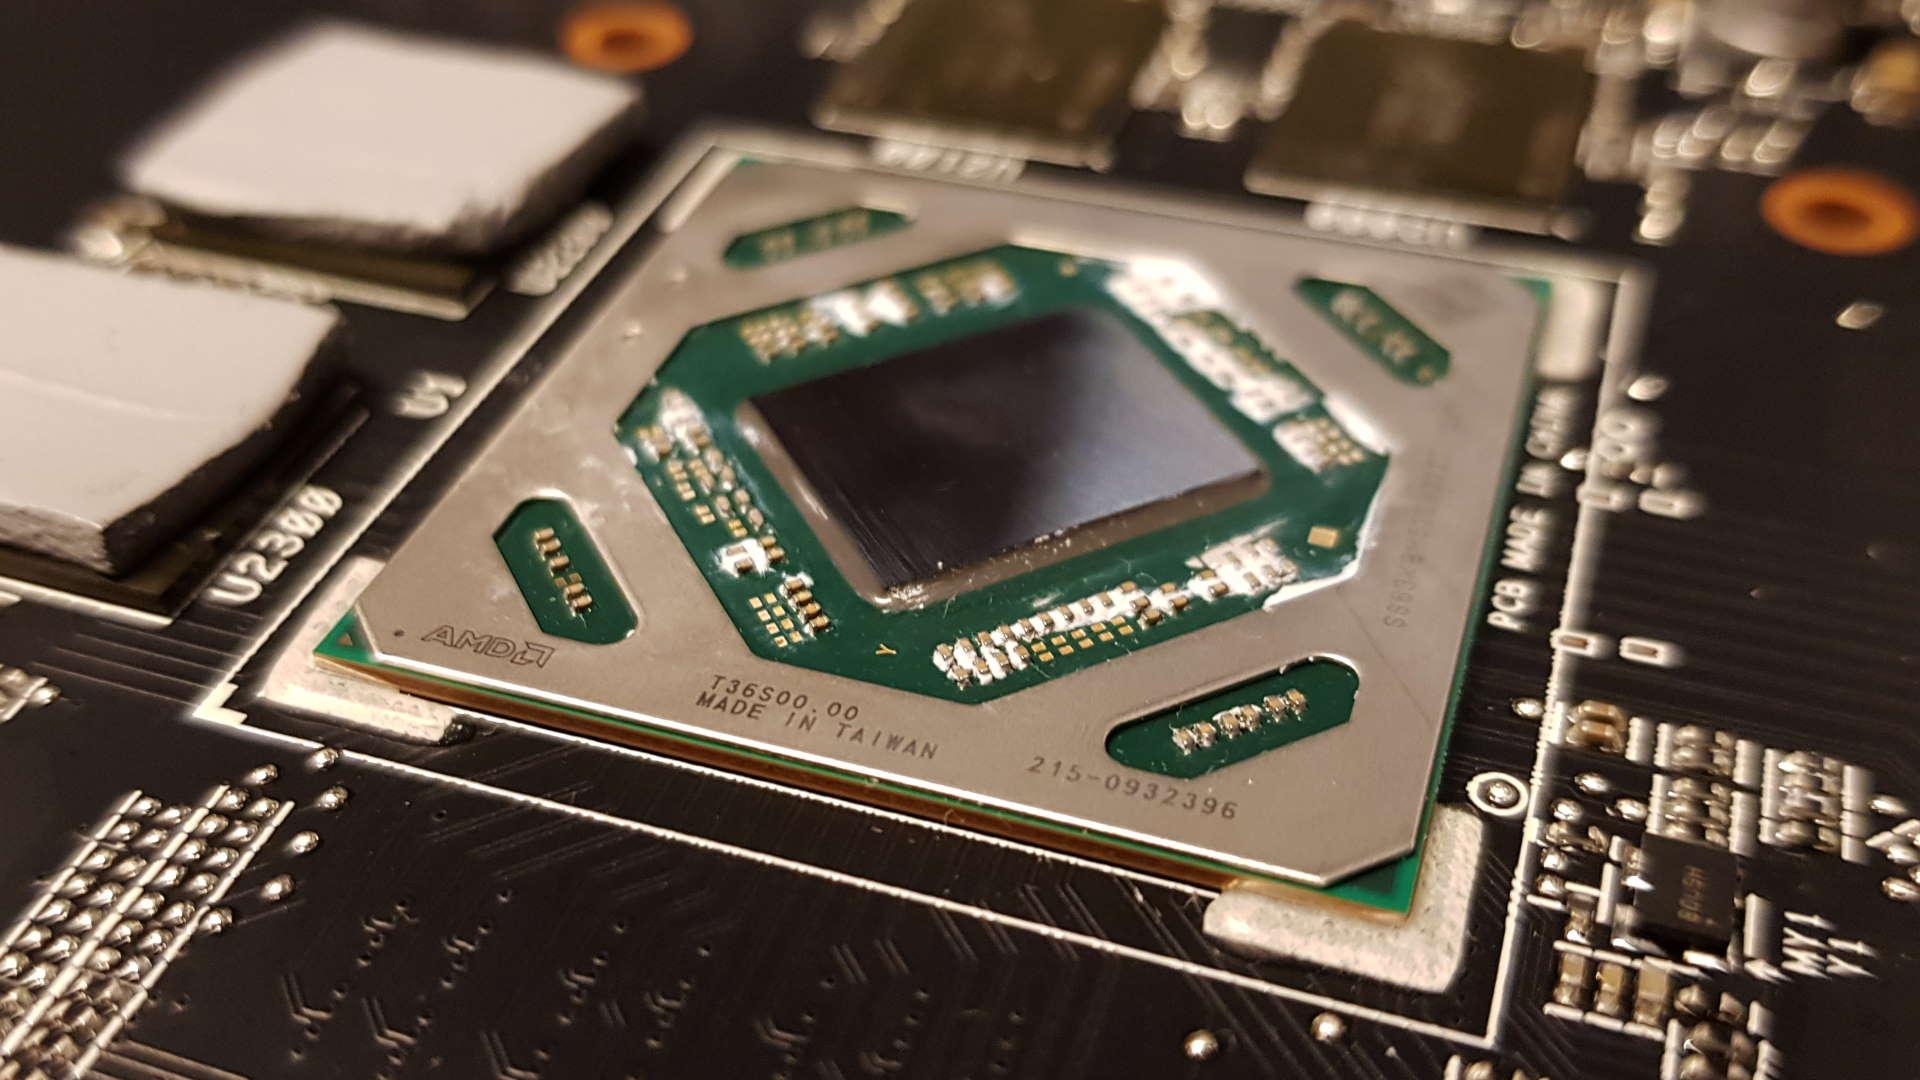 AMD Zen 4 processors could release alongside new RDNA 3 GPUs in late 2022